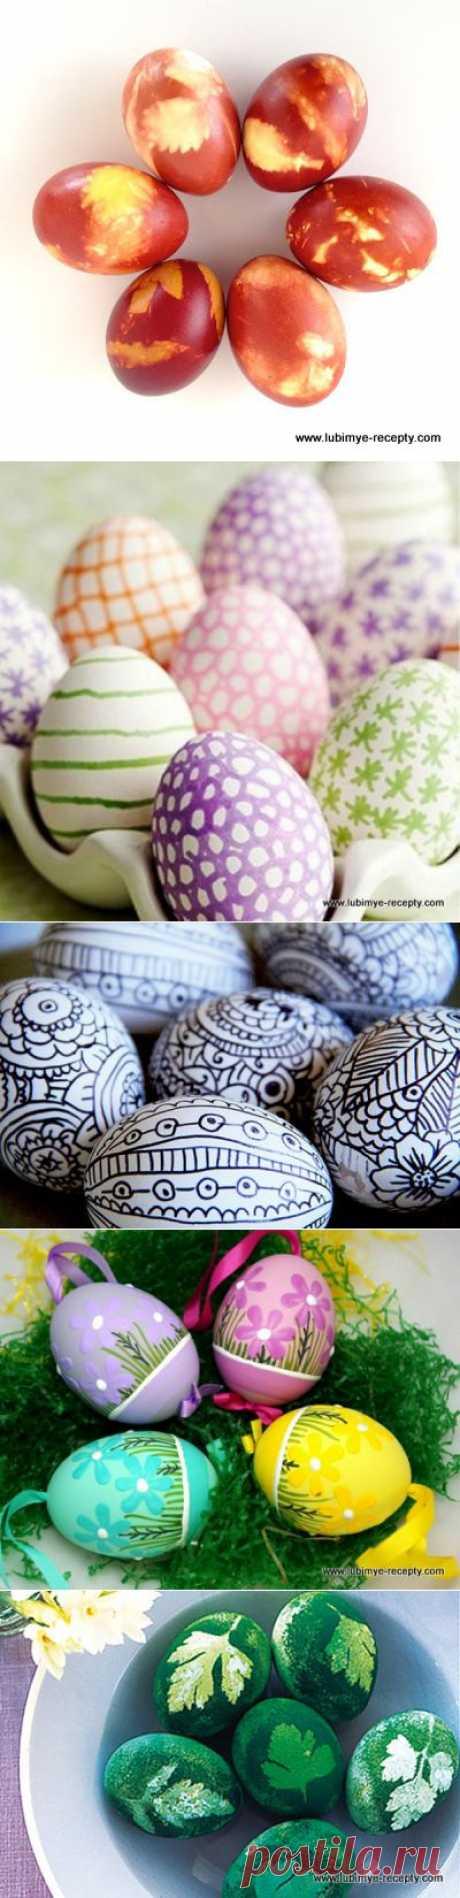 Las ideas de la coloración, la fabricación y adornamiento de los huevos de Pascua | Cuatro gustos